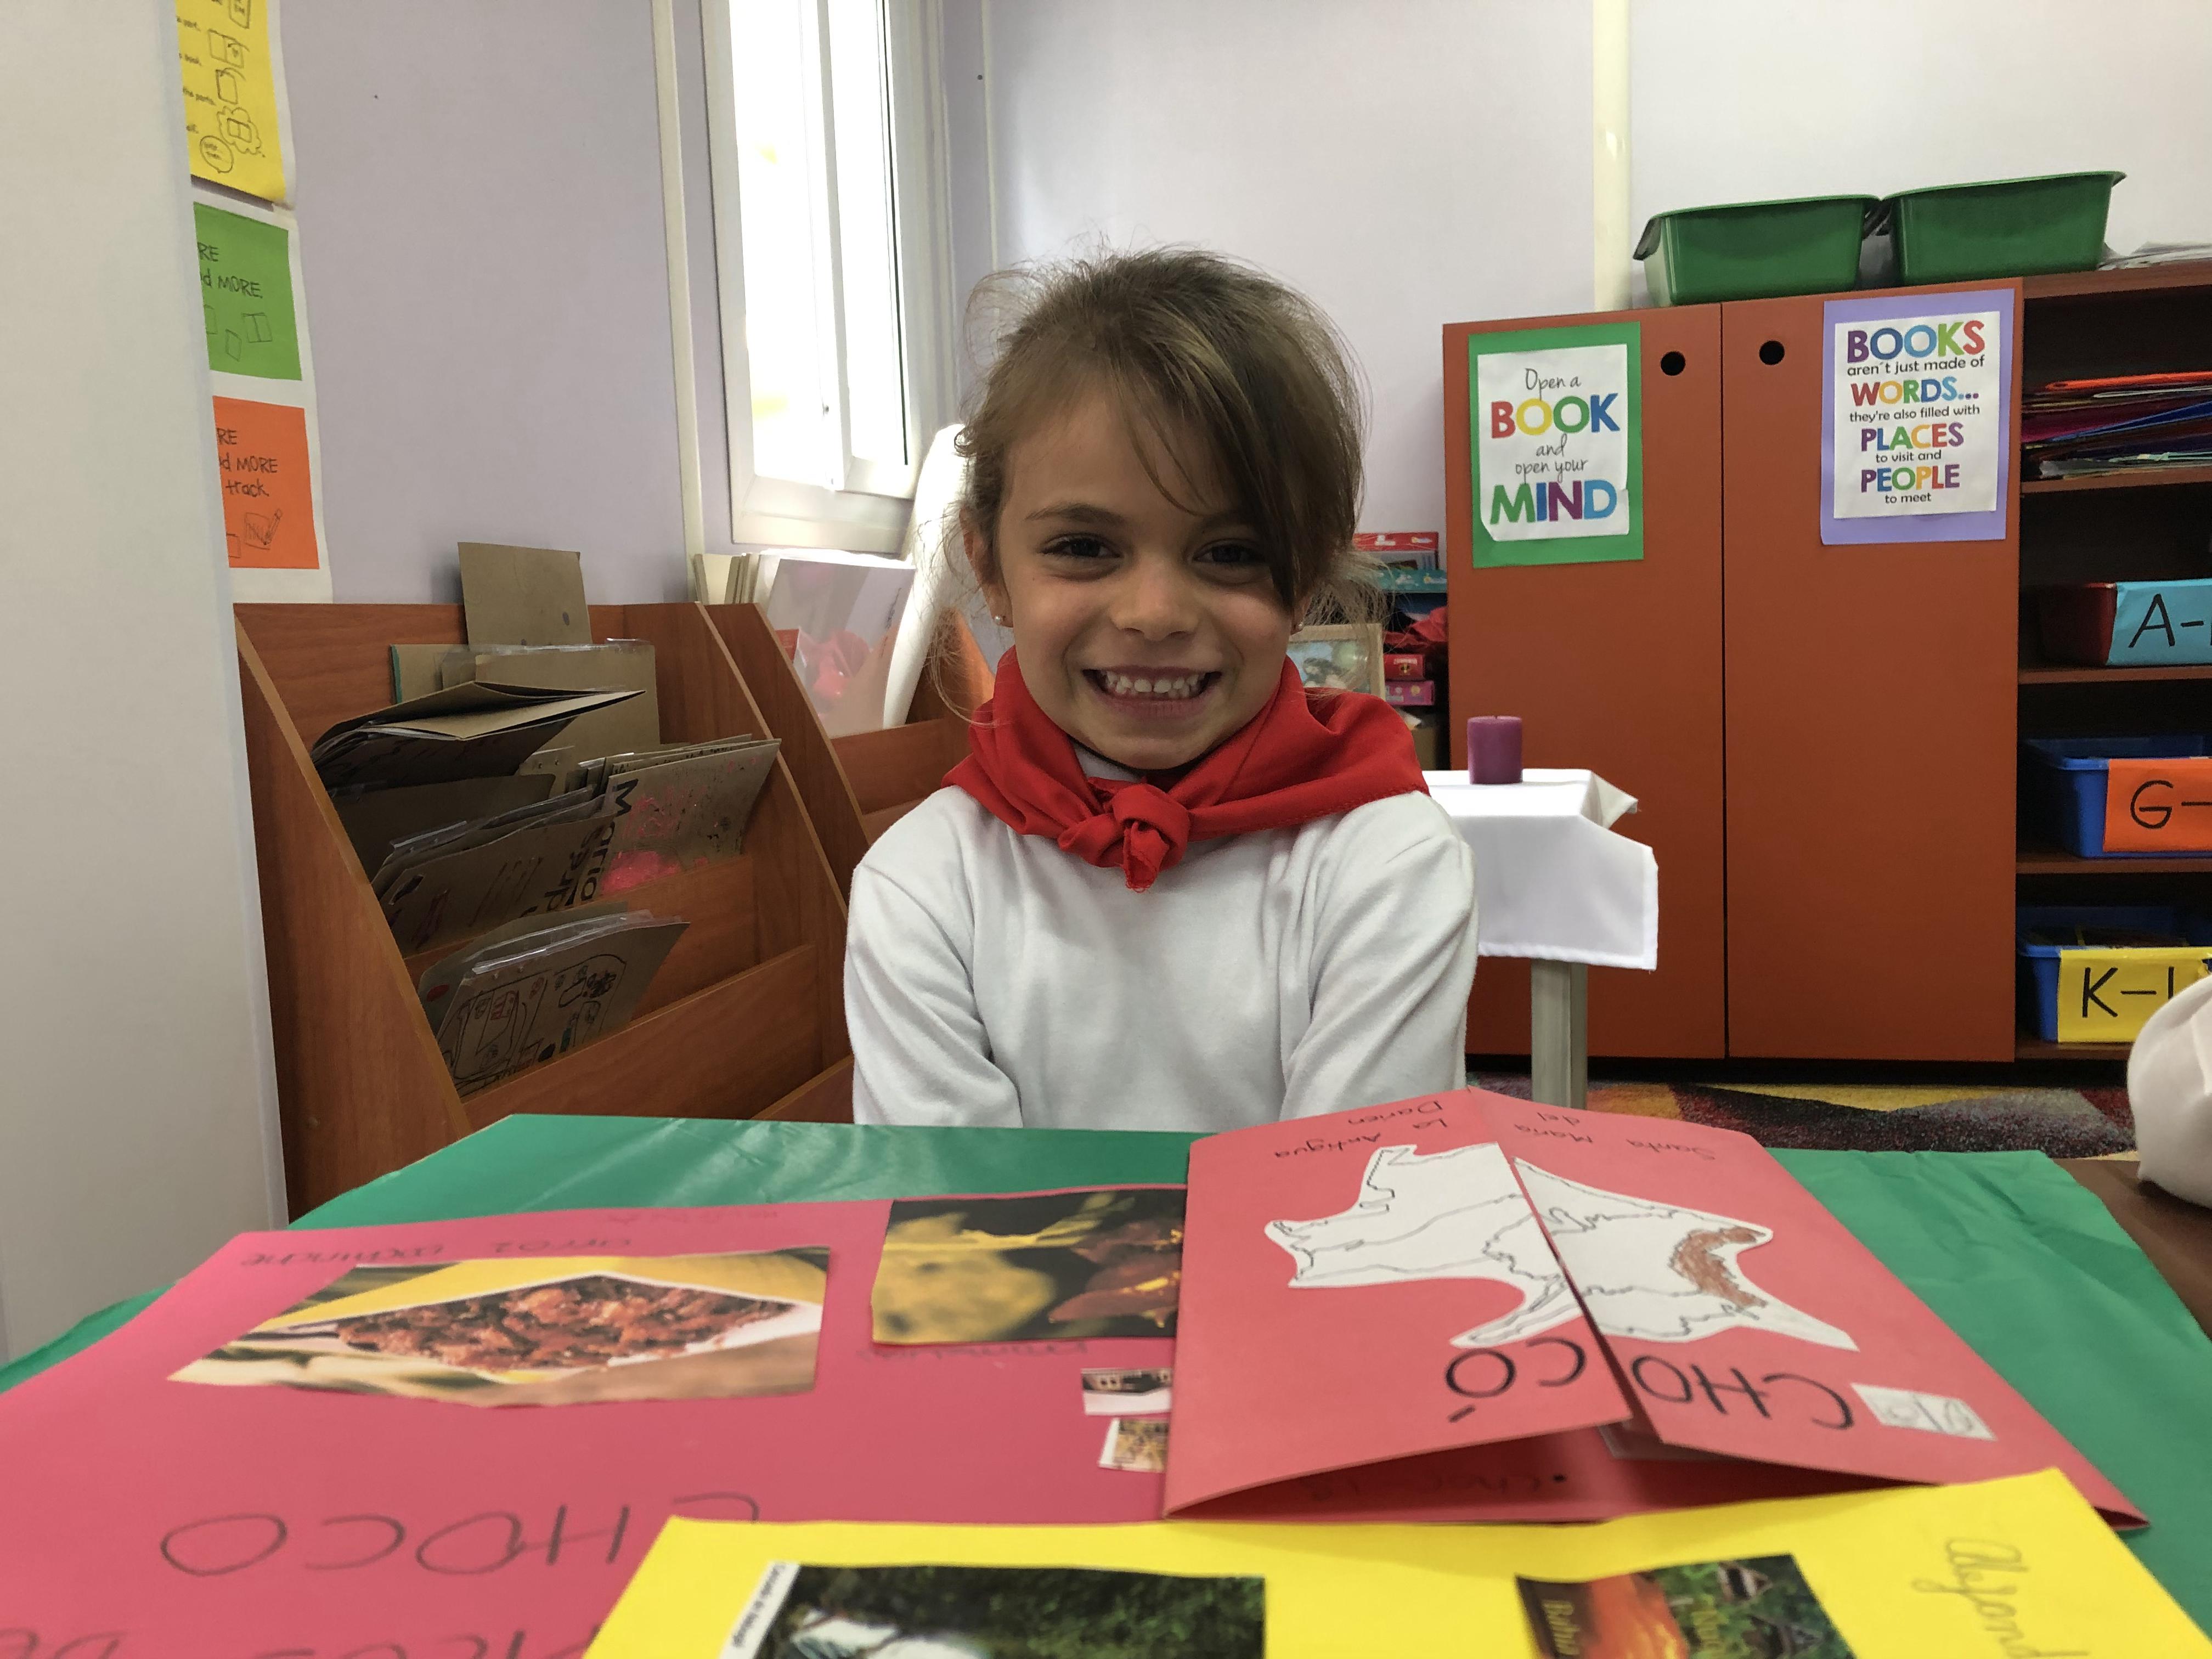 Estudiantes aprendiendo felices